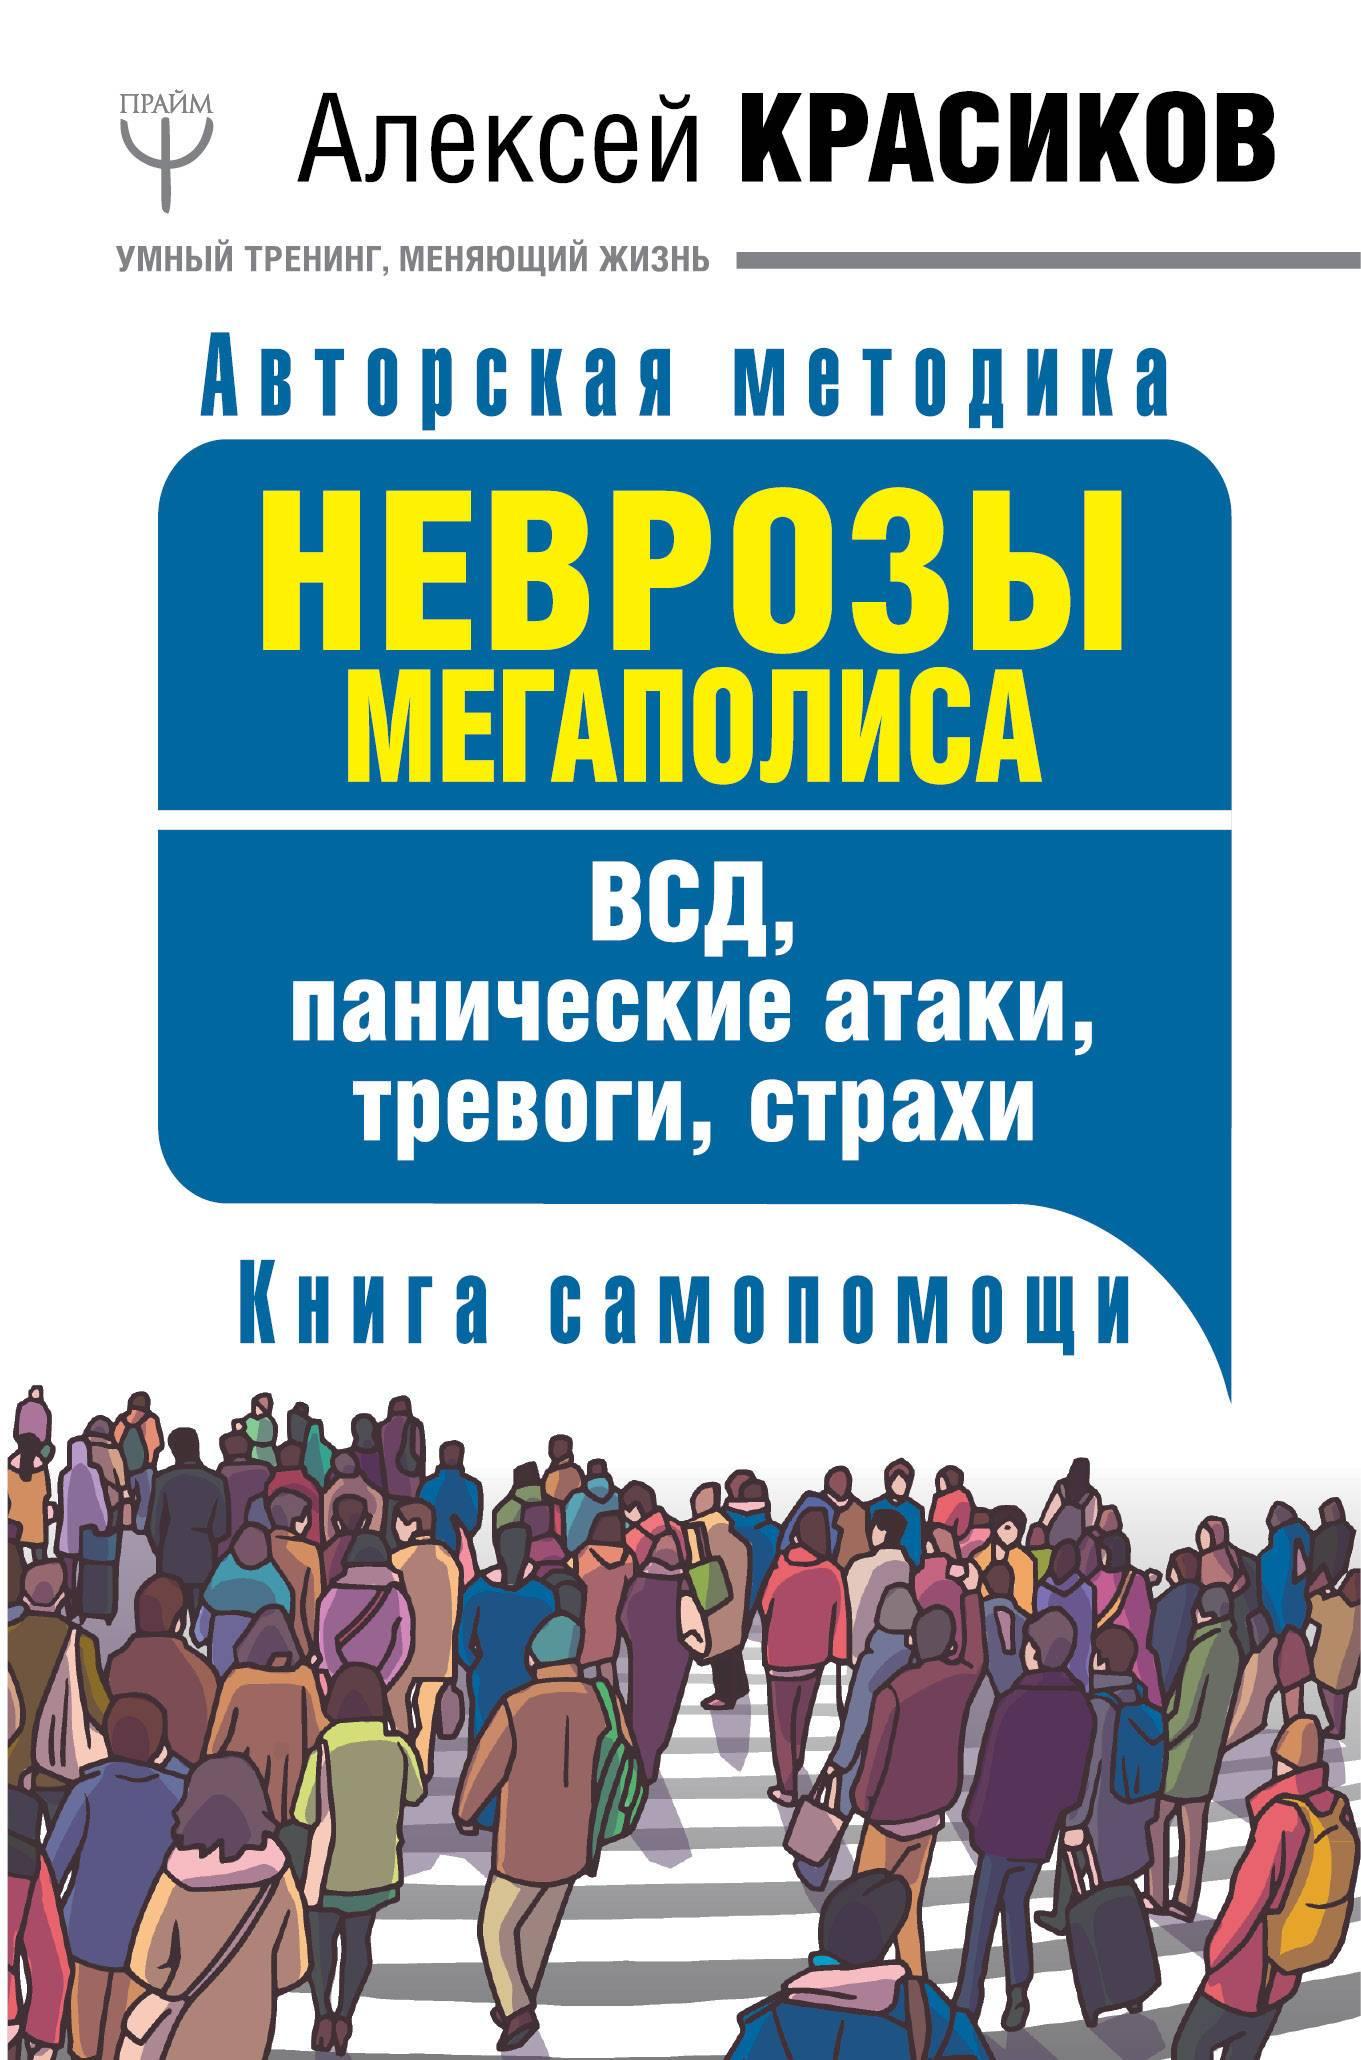 131575 (систематическая десенситизация и имплозивные методики)